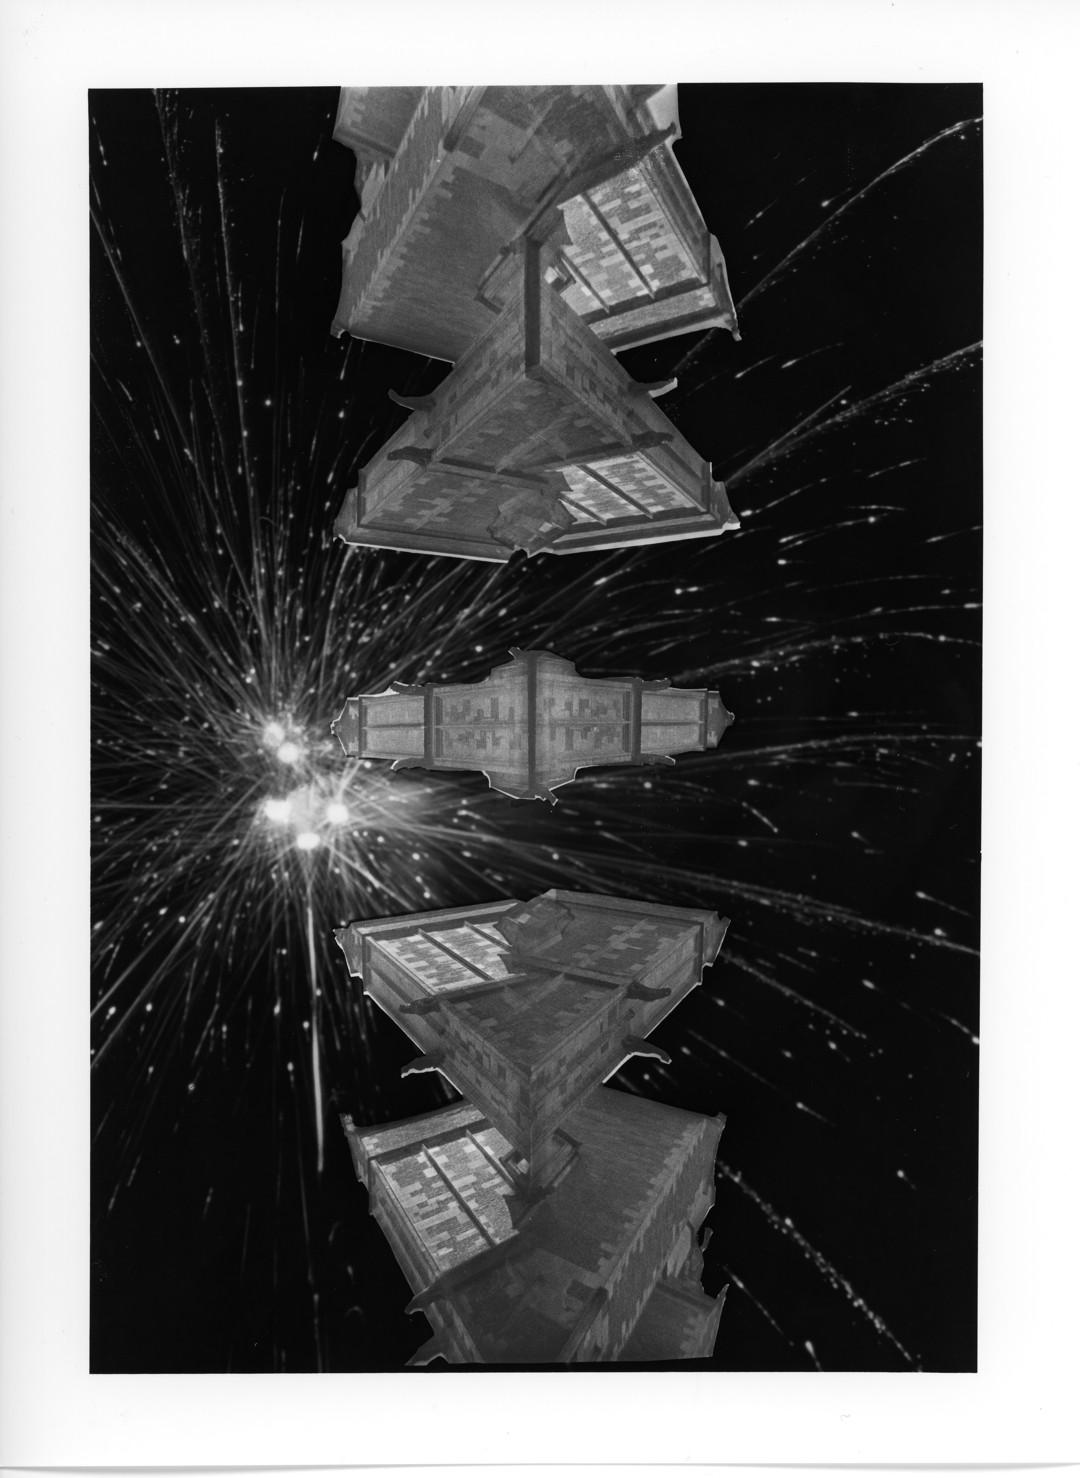 fleet under fire tank top | Copyright © David Allen